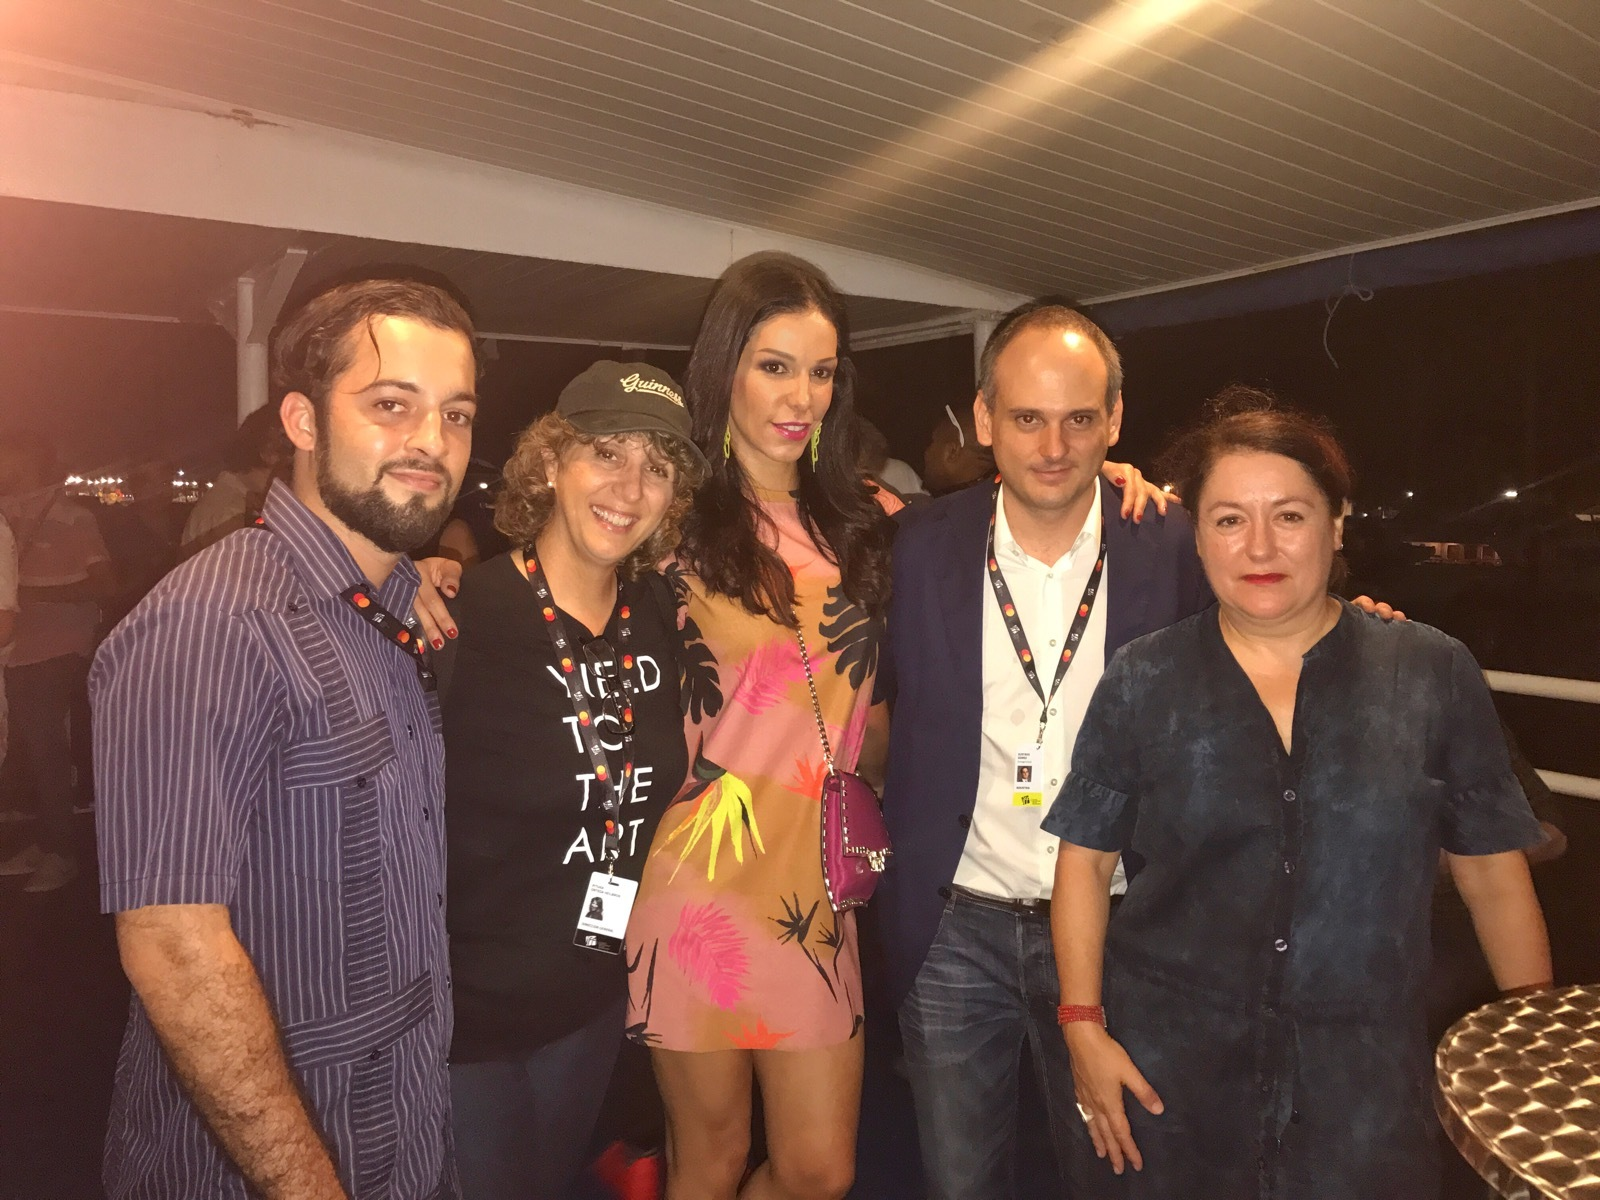 Directora del IFF Pituka Ortega, Porductor Venezolano Gustavo Gómez y Productora Española Helena Manrique